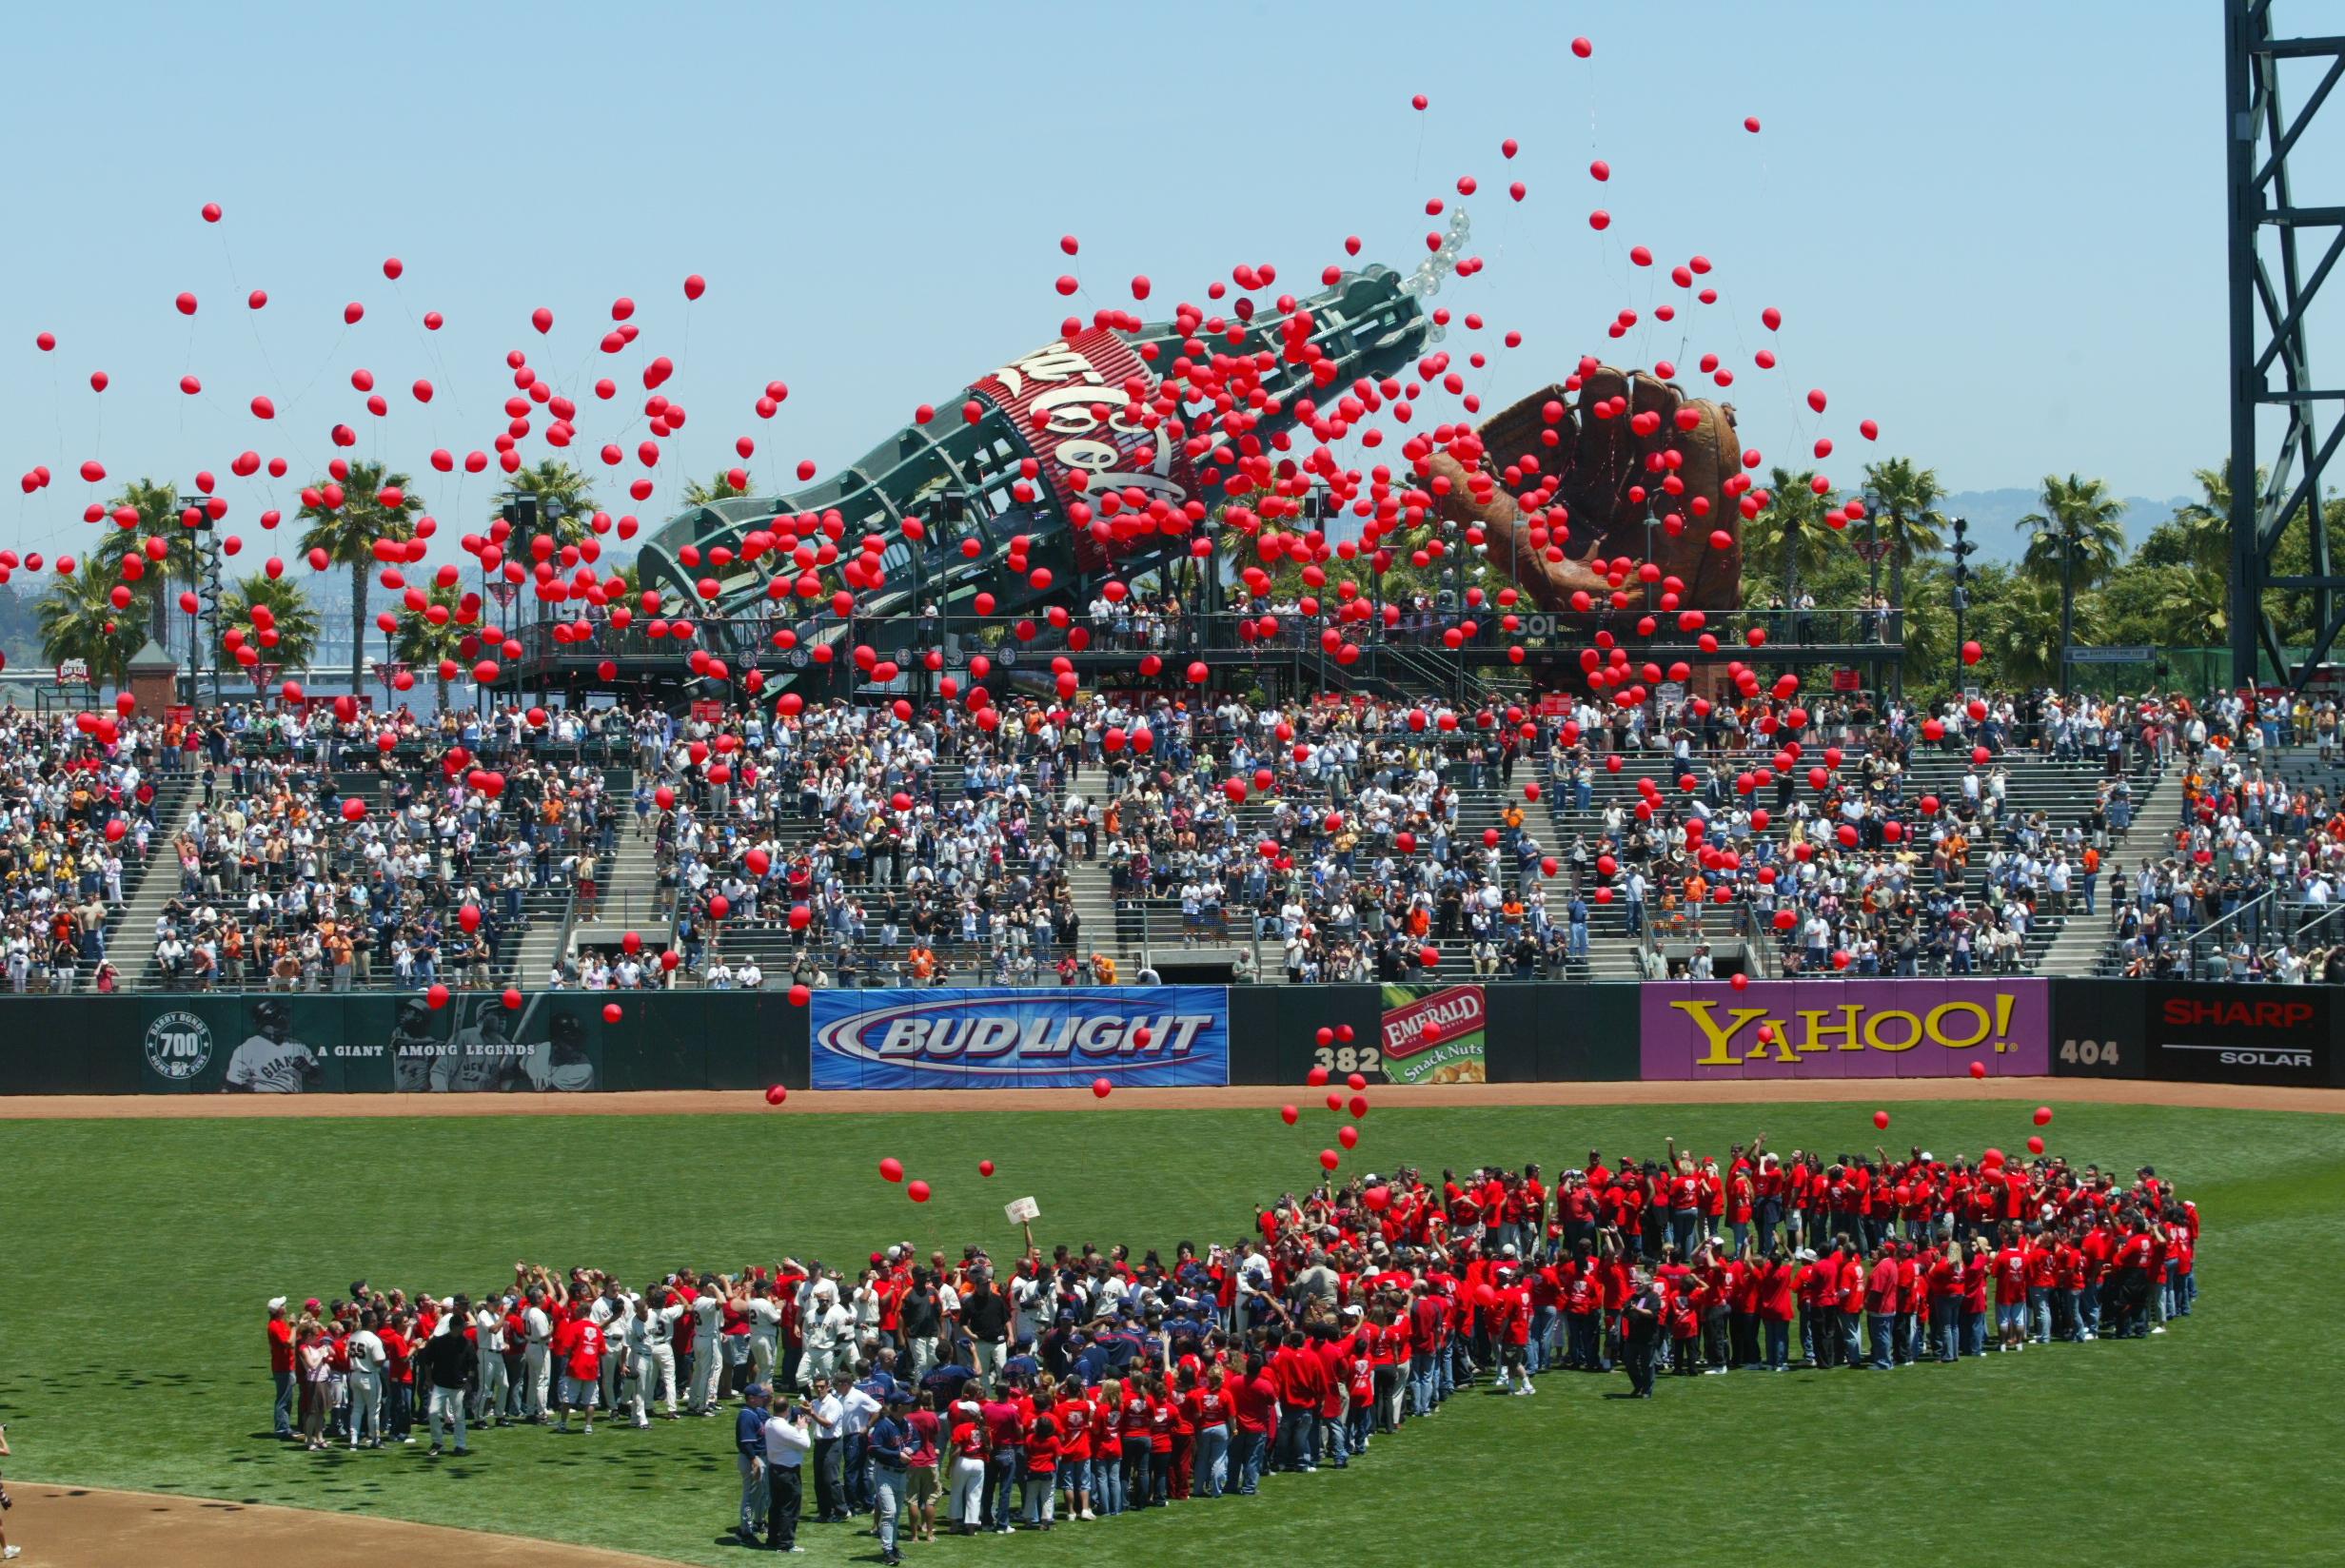 Cleveland Indians v San Francisco Giants